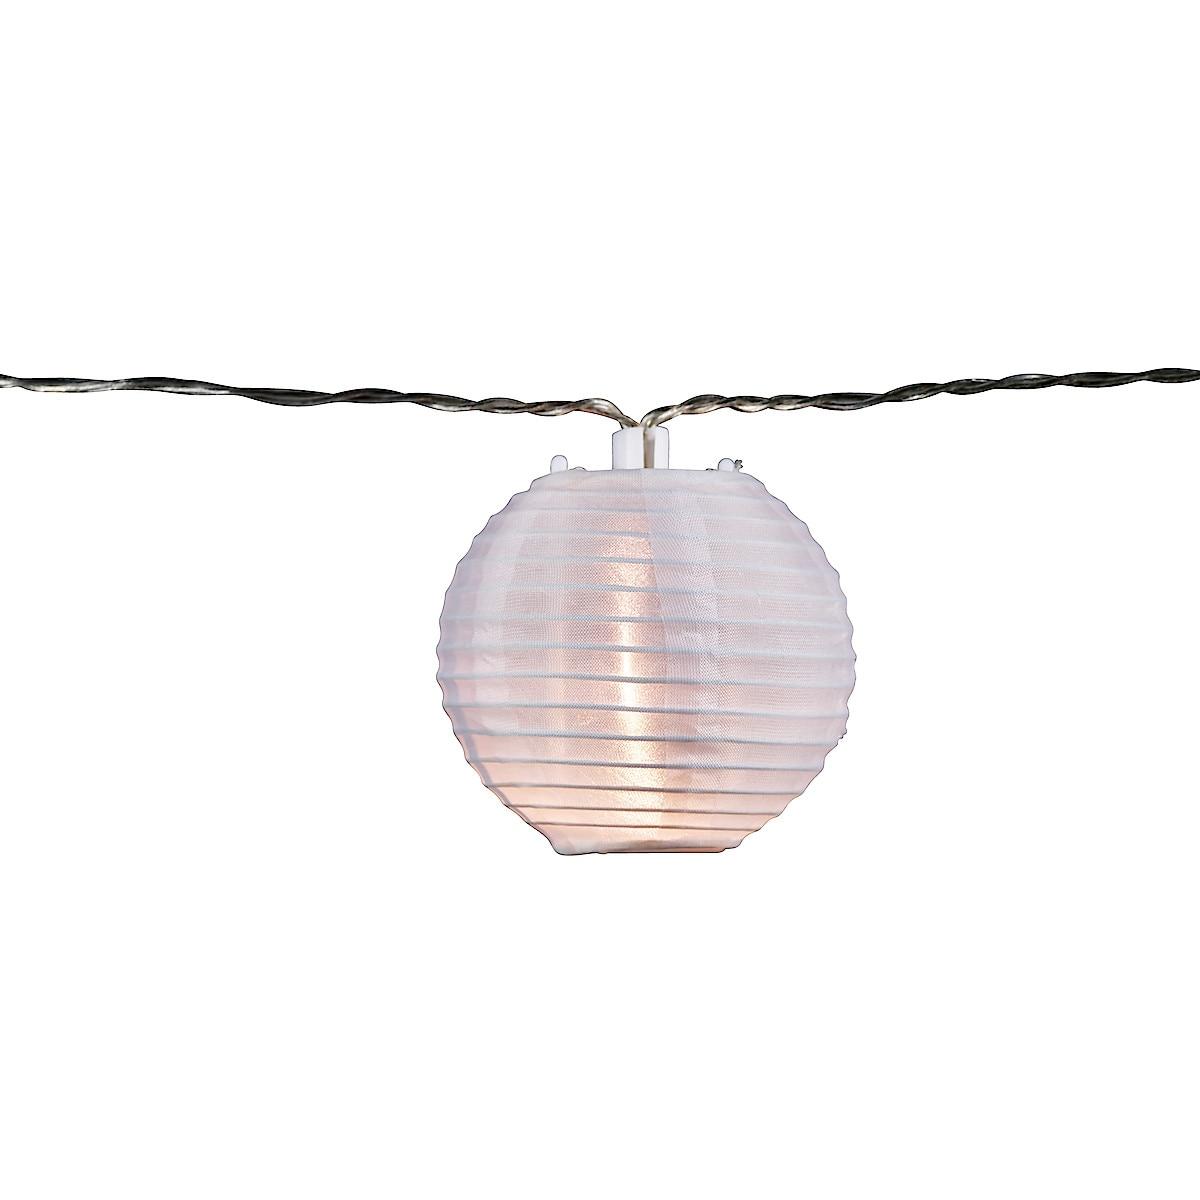 Solcelleslynge med risballer